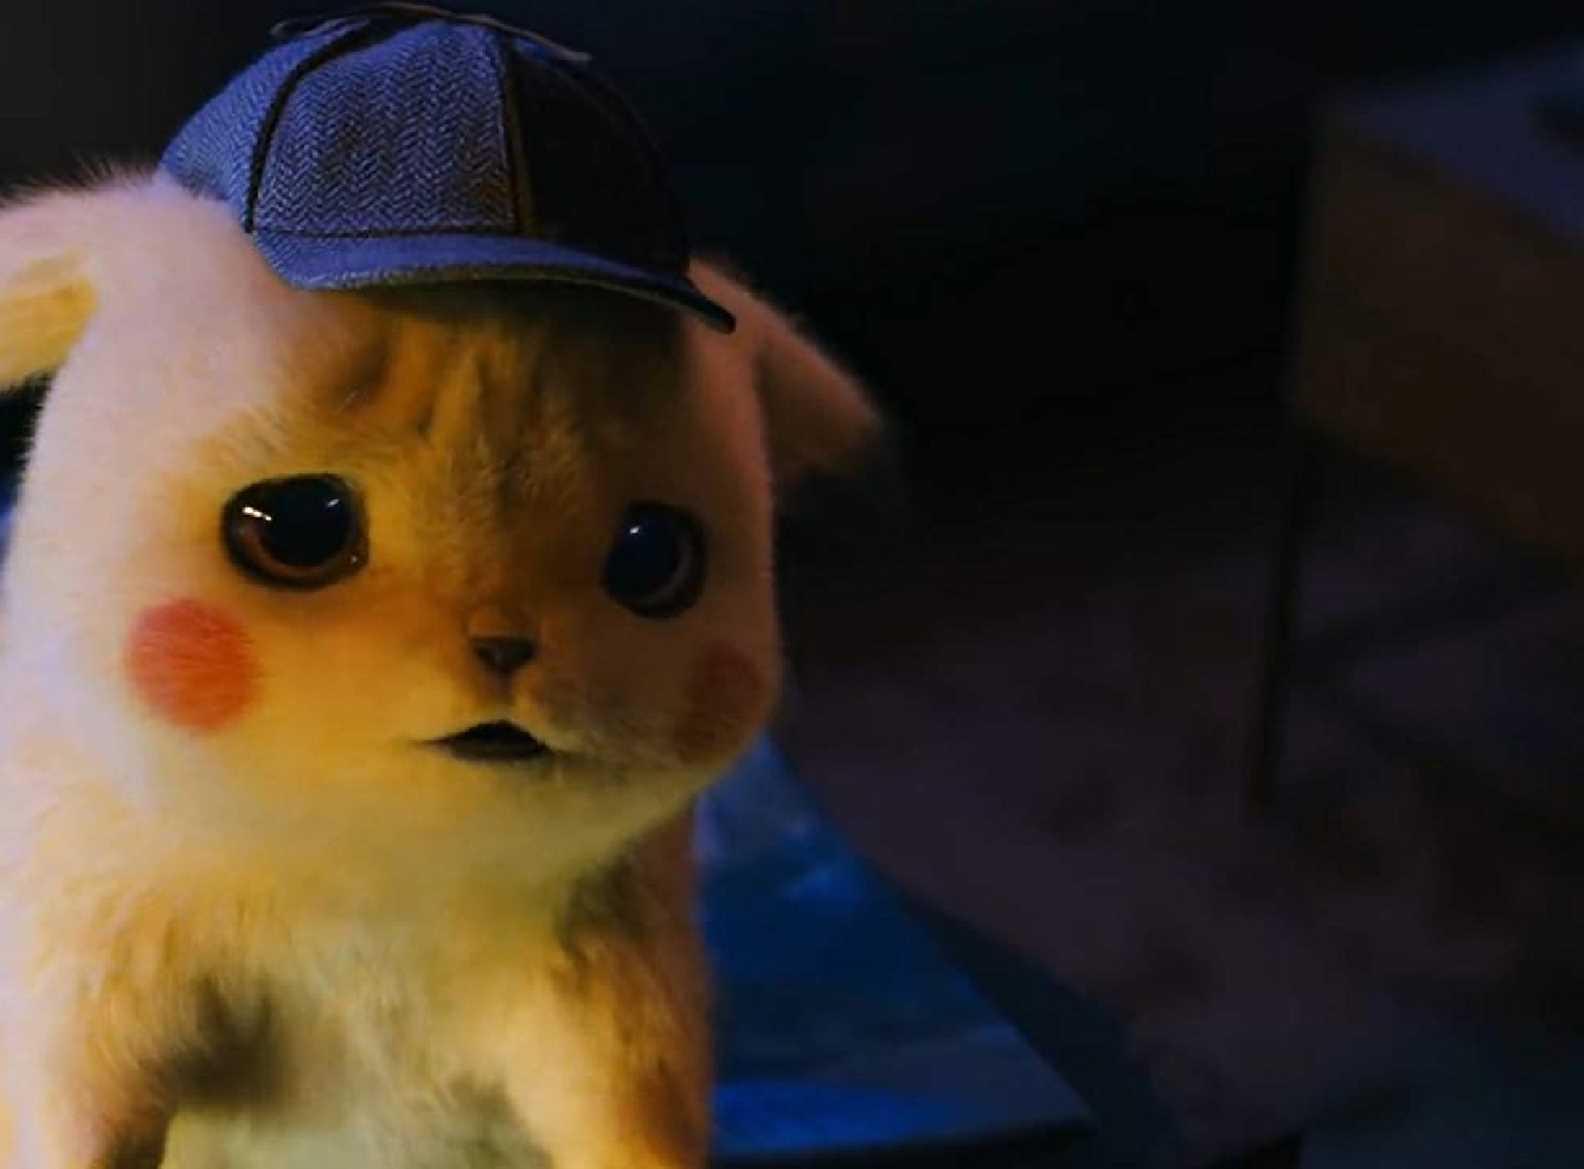 Watch Detective Pikachu at Vue Cinema | Book Online